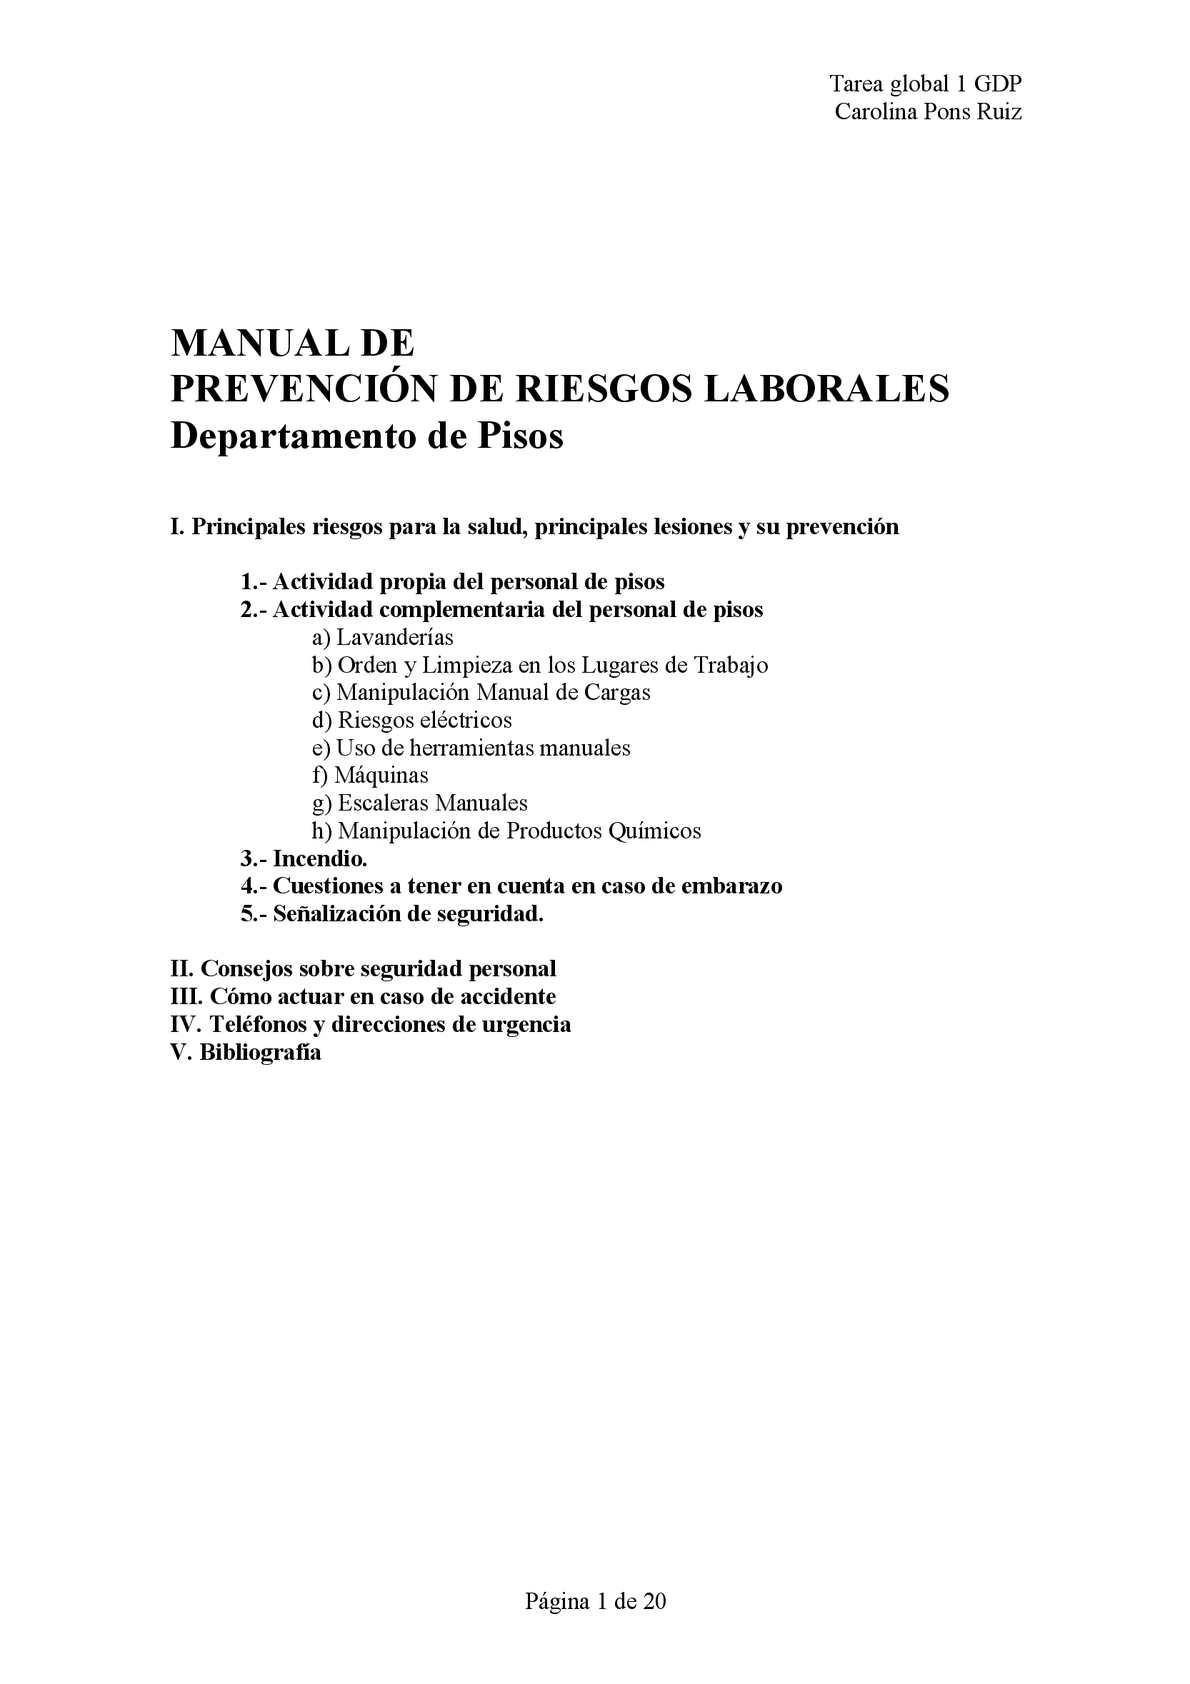 Calam o manual de riesgos laborales en el departamento for Plan de prevencion de riesgos laborales oficina